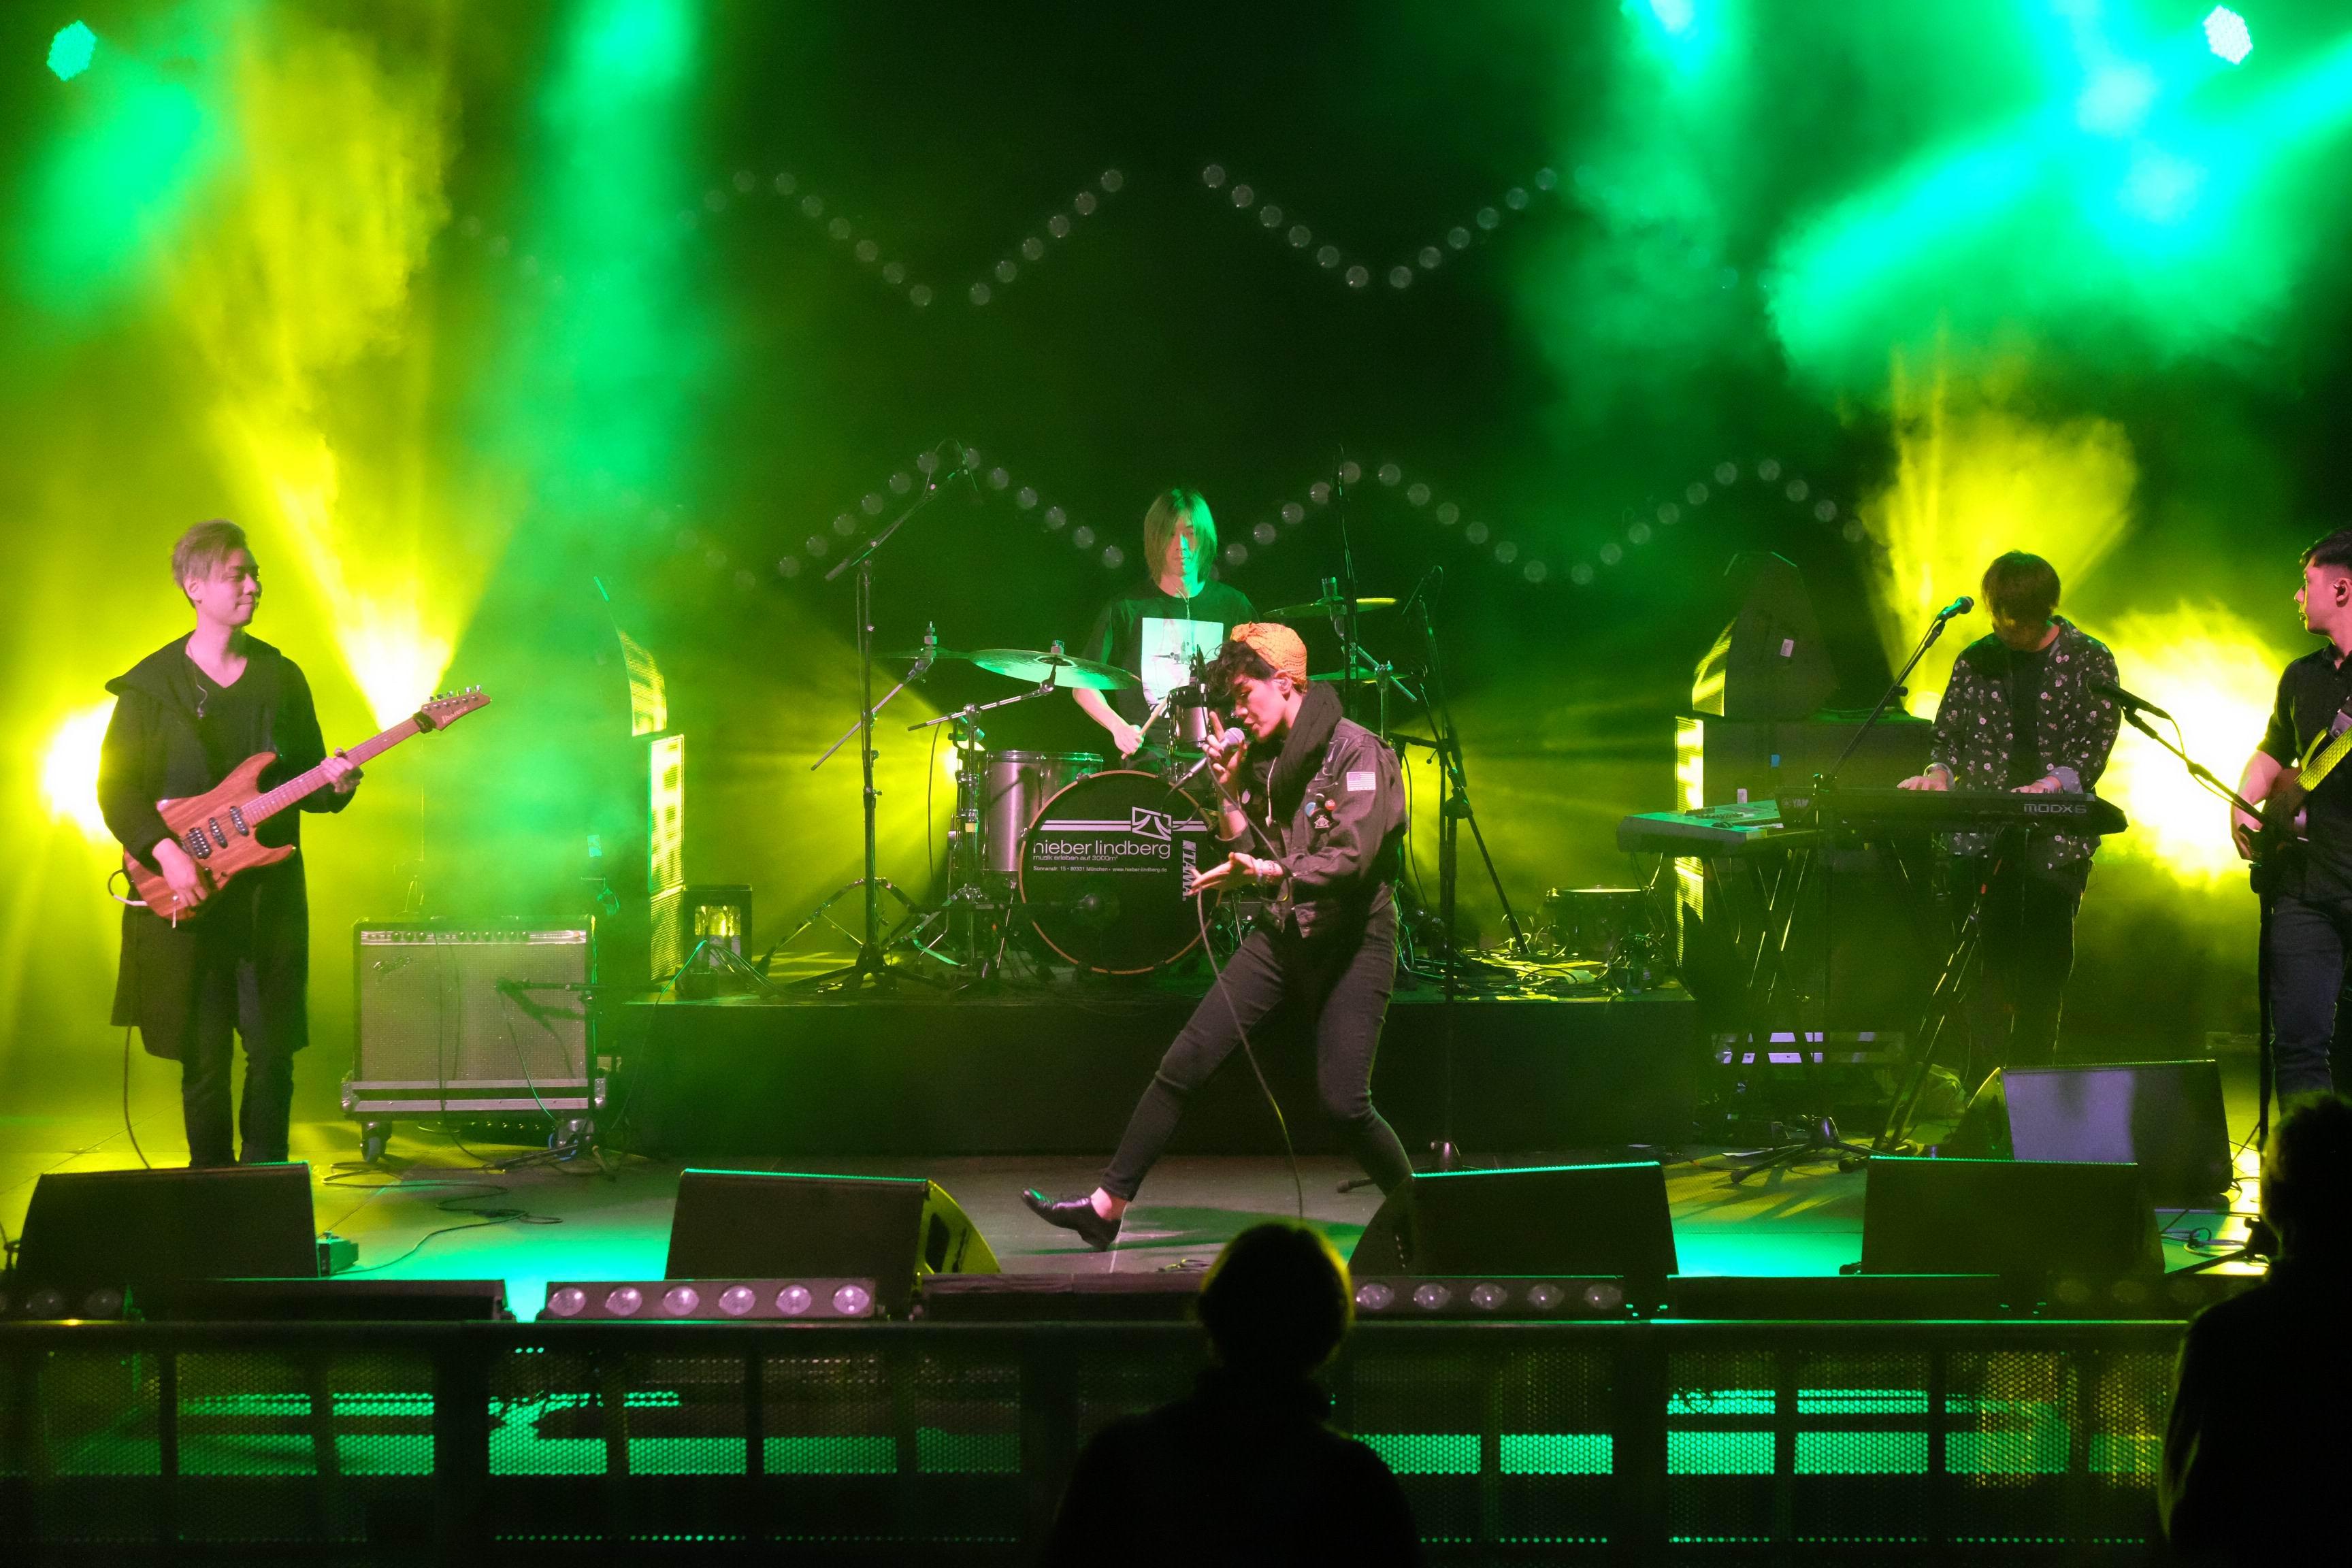 RubberBand與當地音樂節作交流及演出。